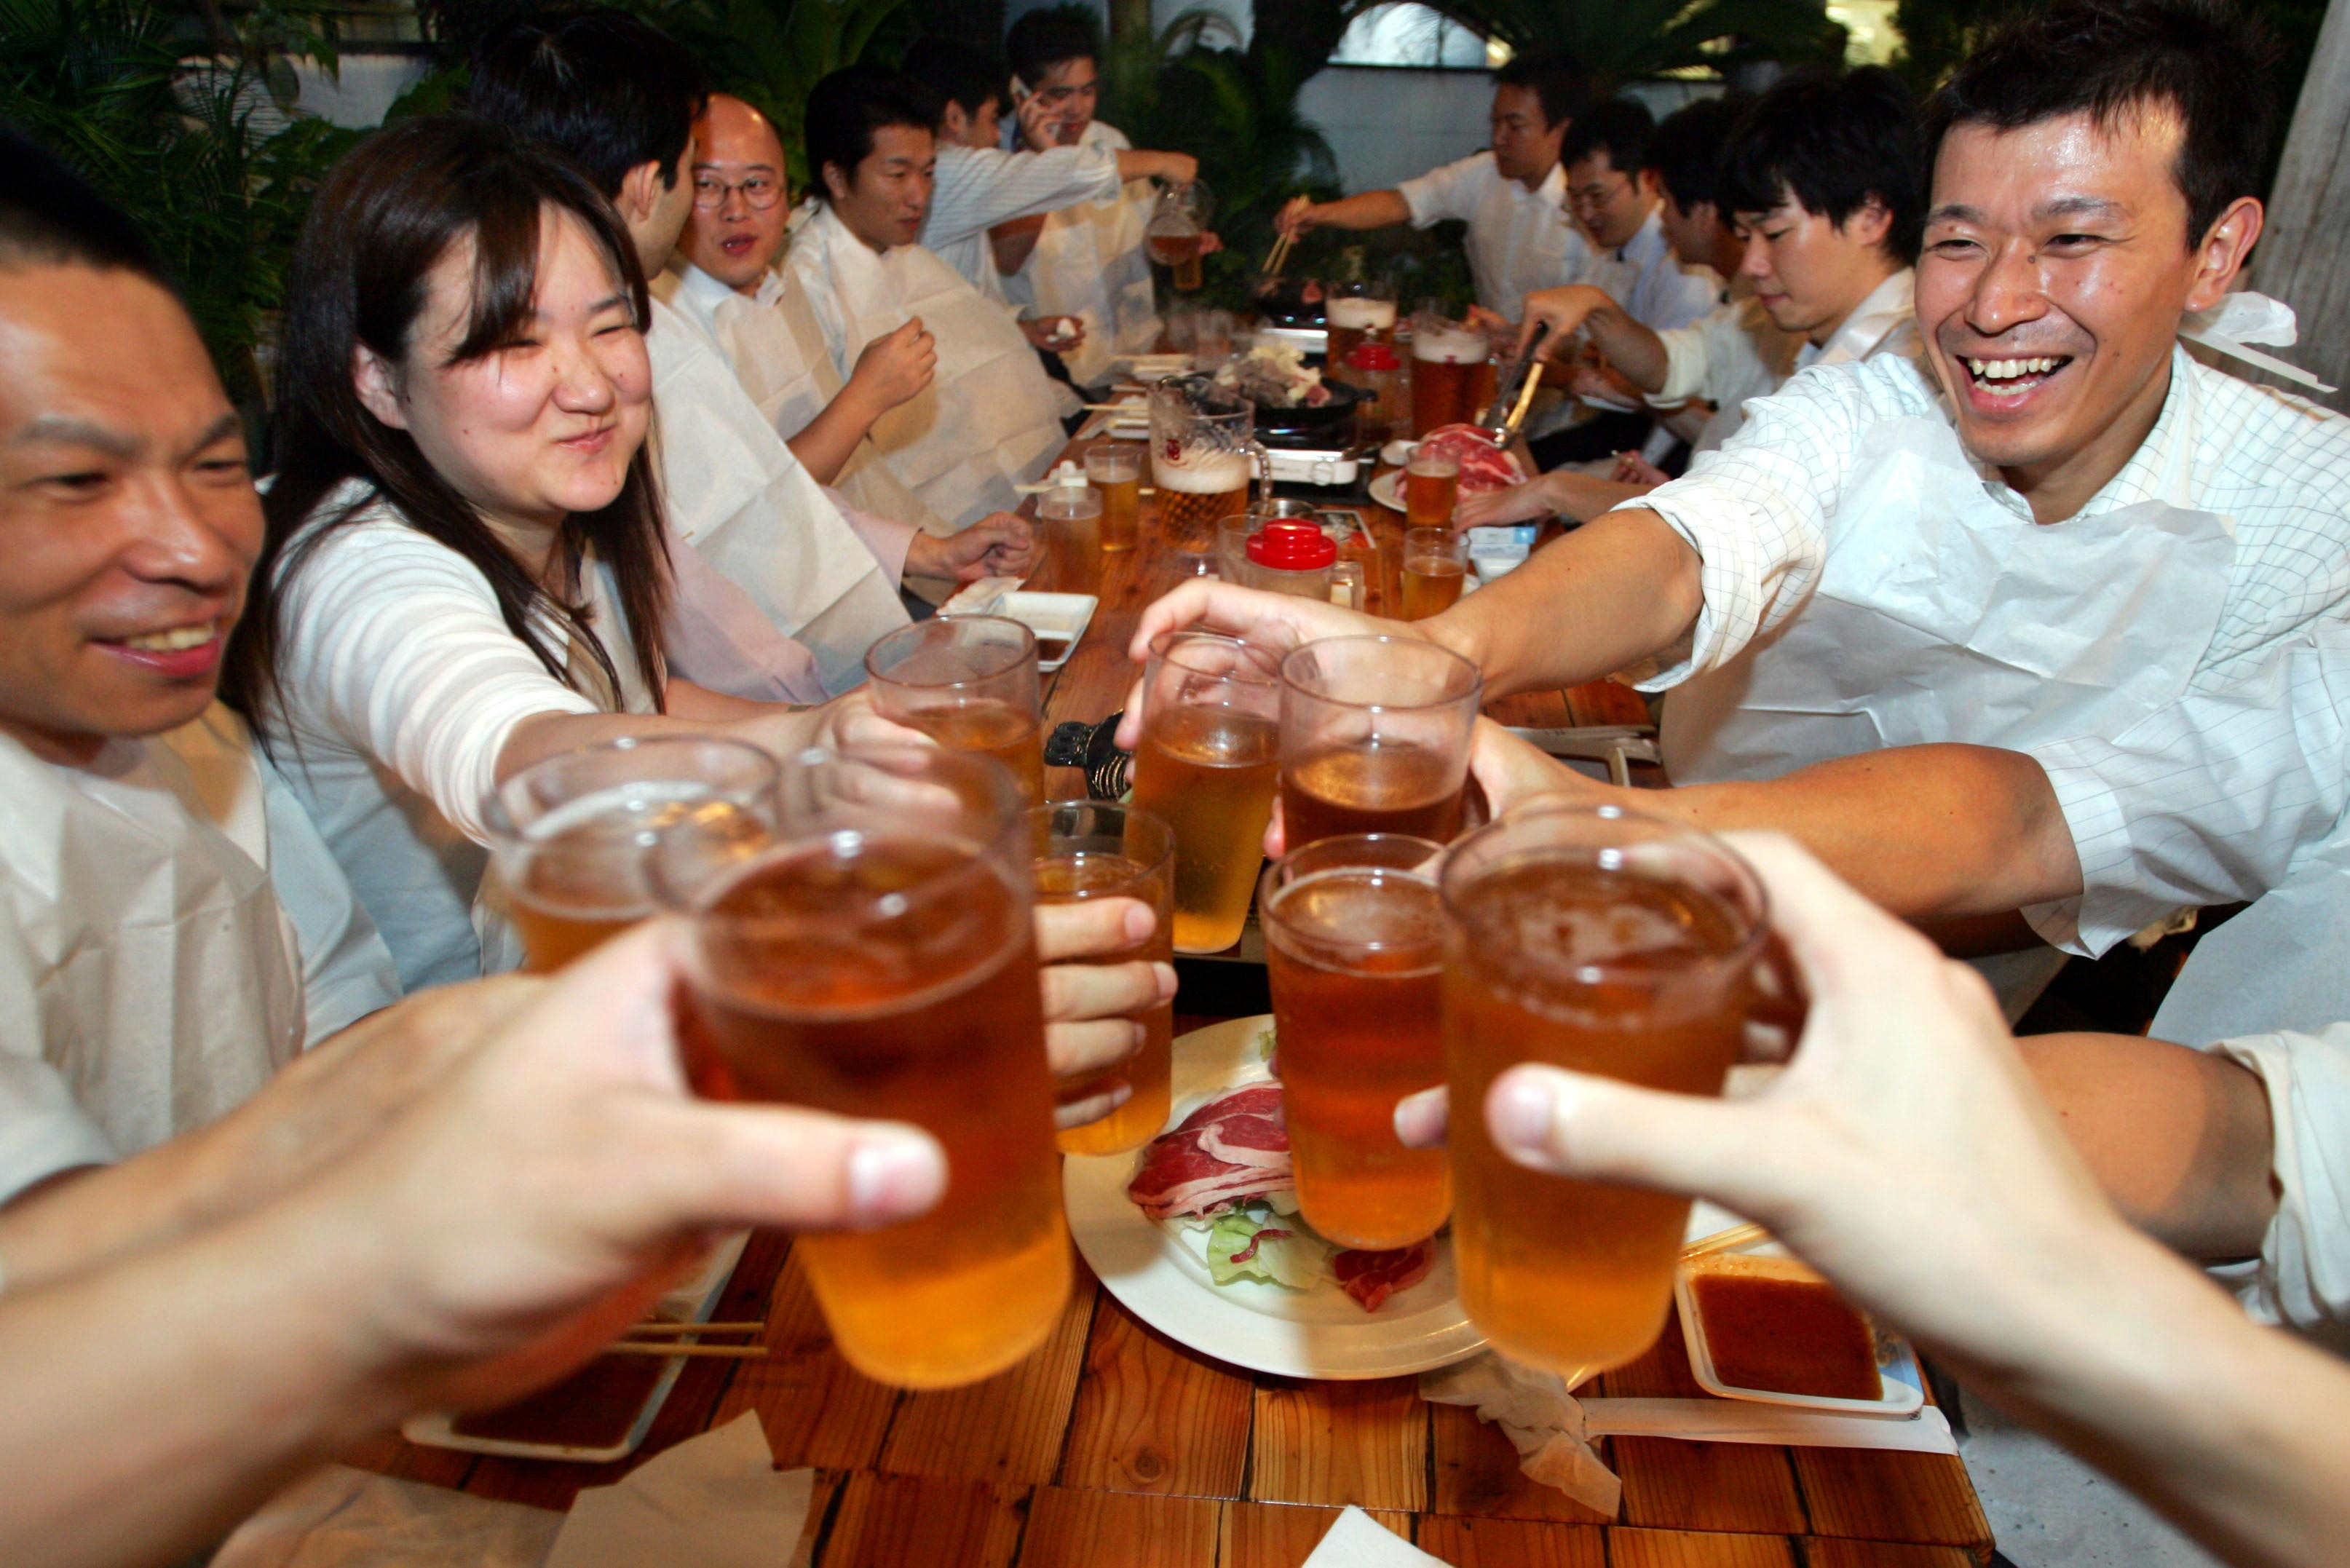 родителям нашего фишки нет как пьют японцы фото получает